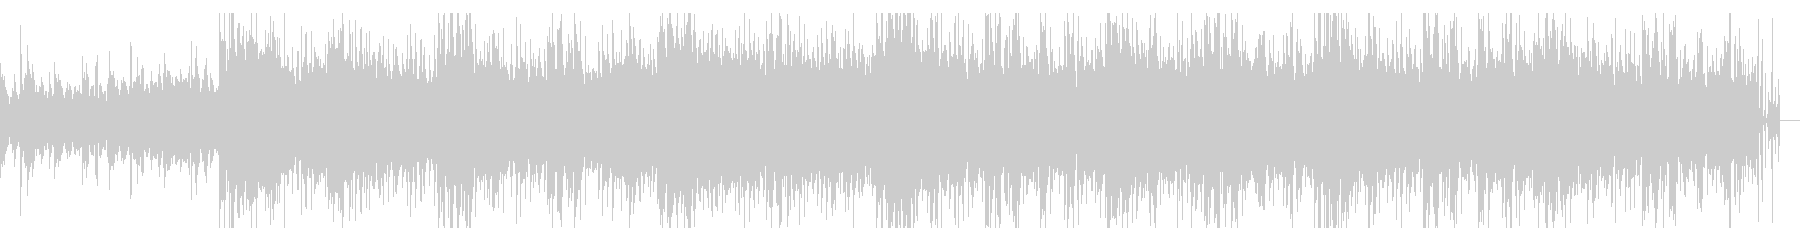 ミディアムダークなテクスチャの未再生の波形